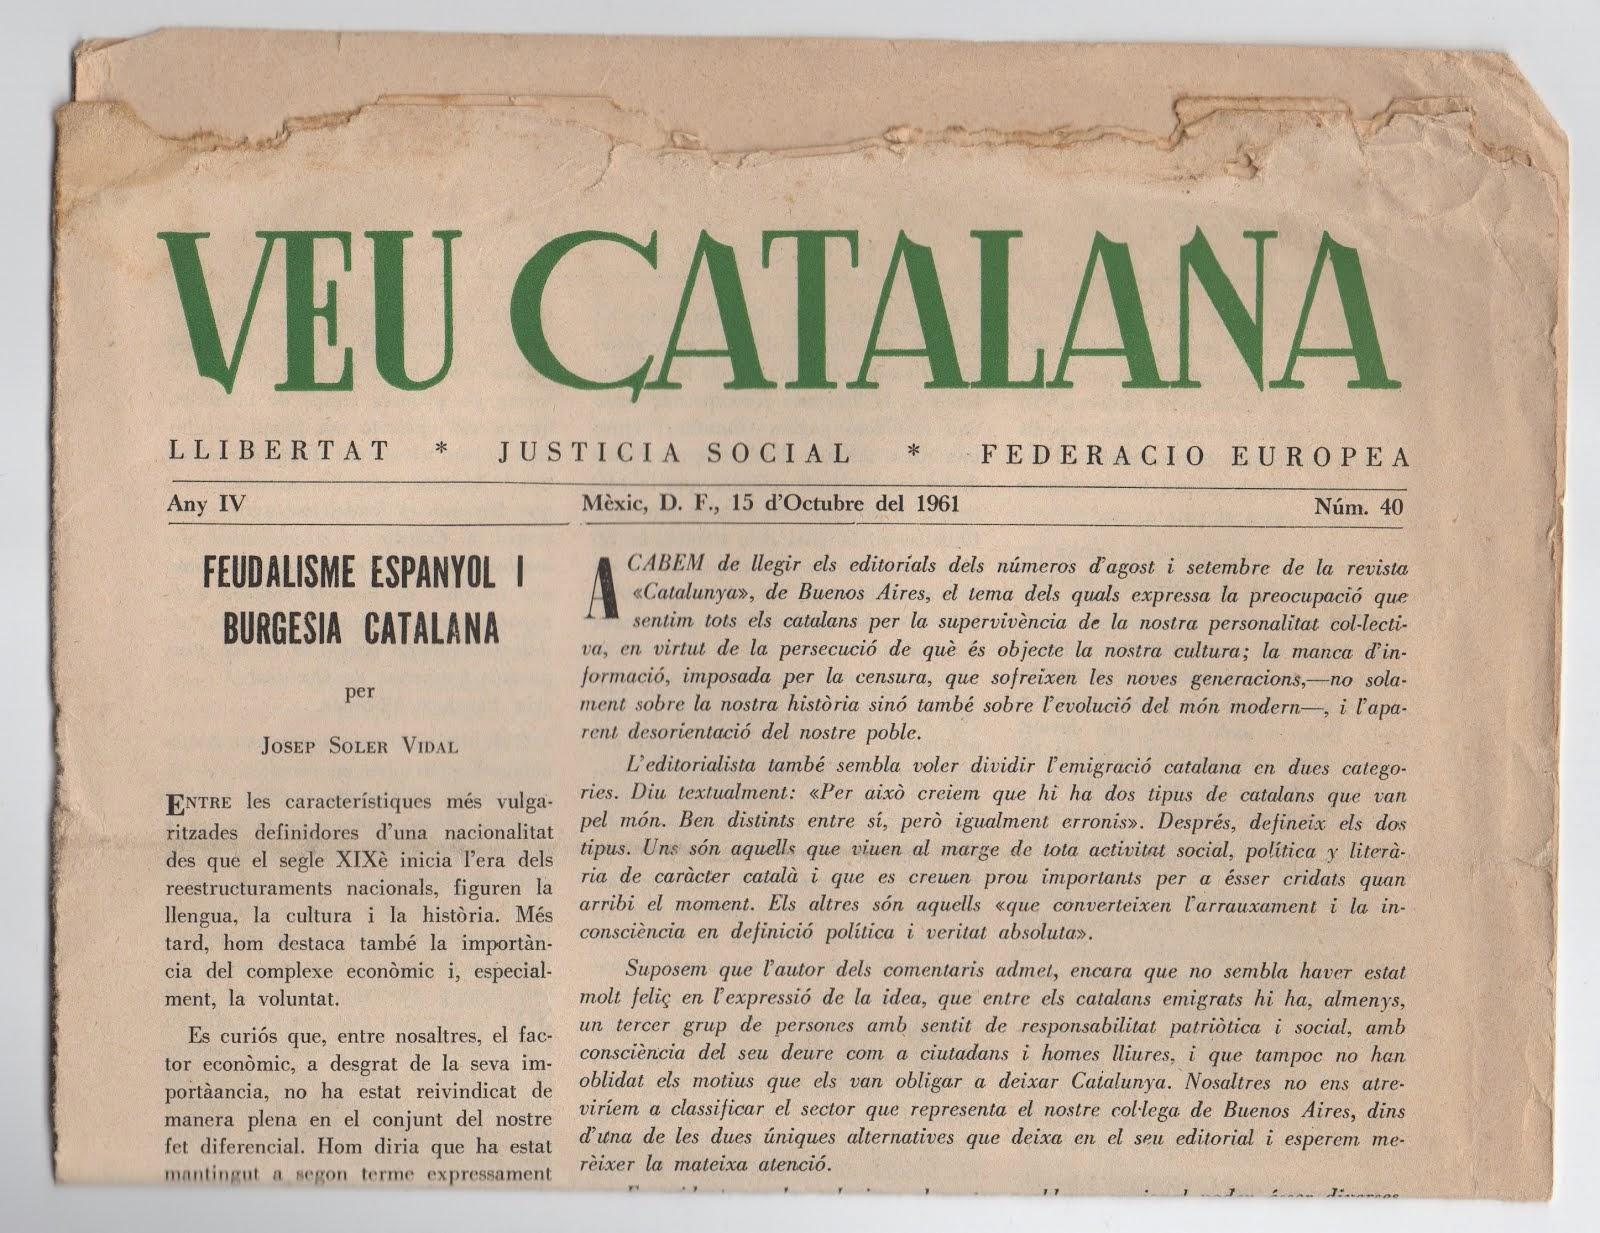 Veu Catalana, Mèxic 1961